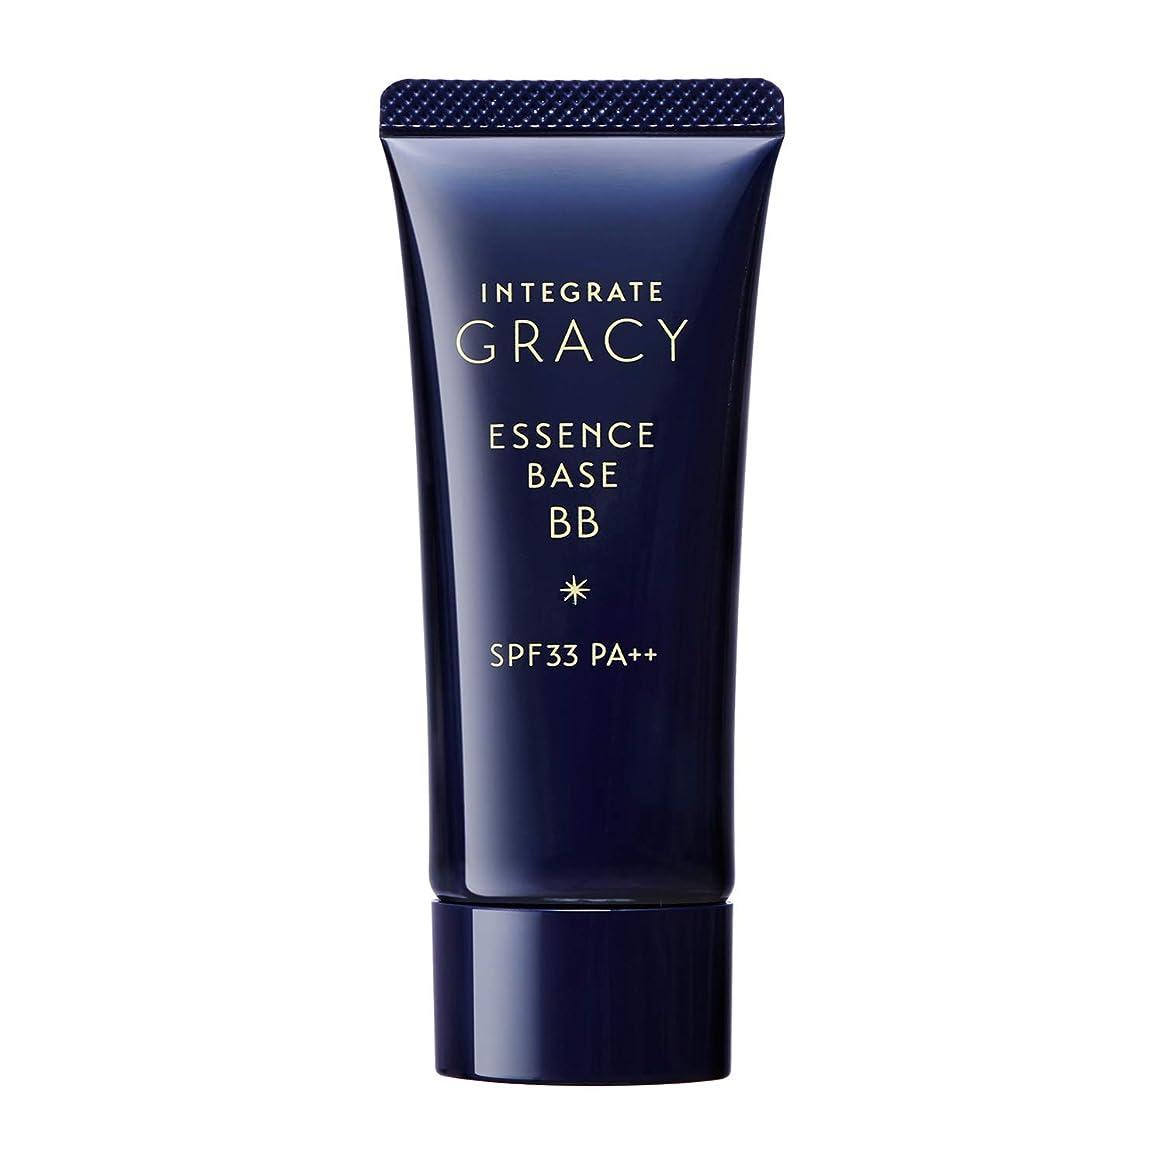 不快スカーフ発信インテグレート グレイシィ エッセンスベース BB 2 自然~濃いめの肌色 (SPF33?PA++) 40g